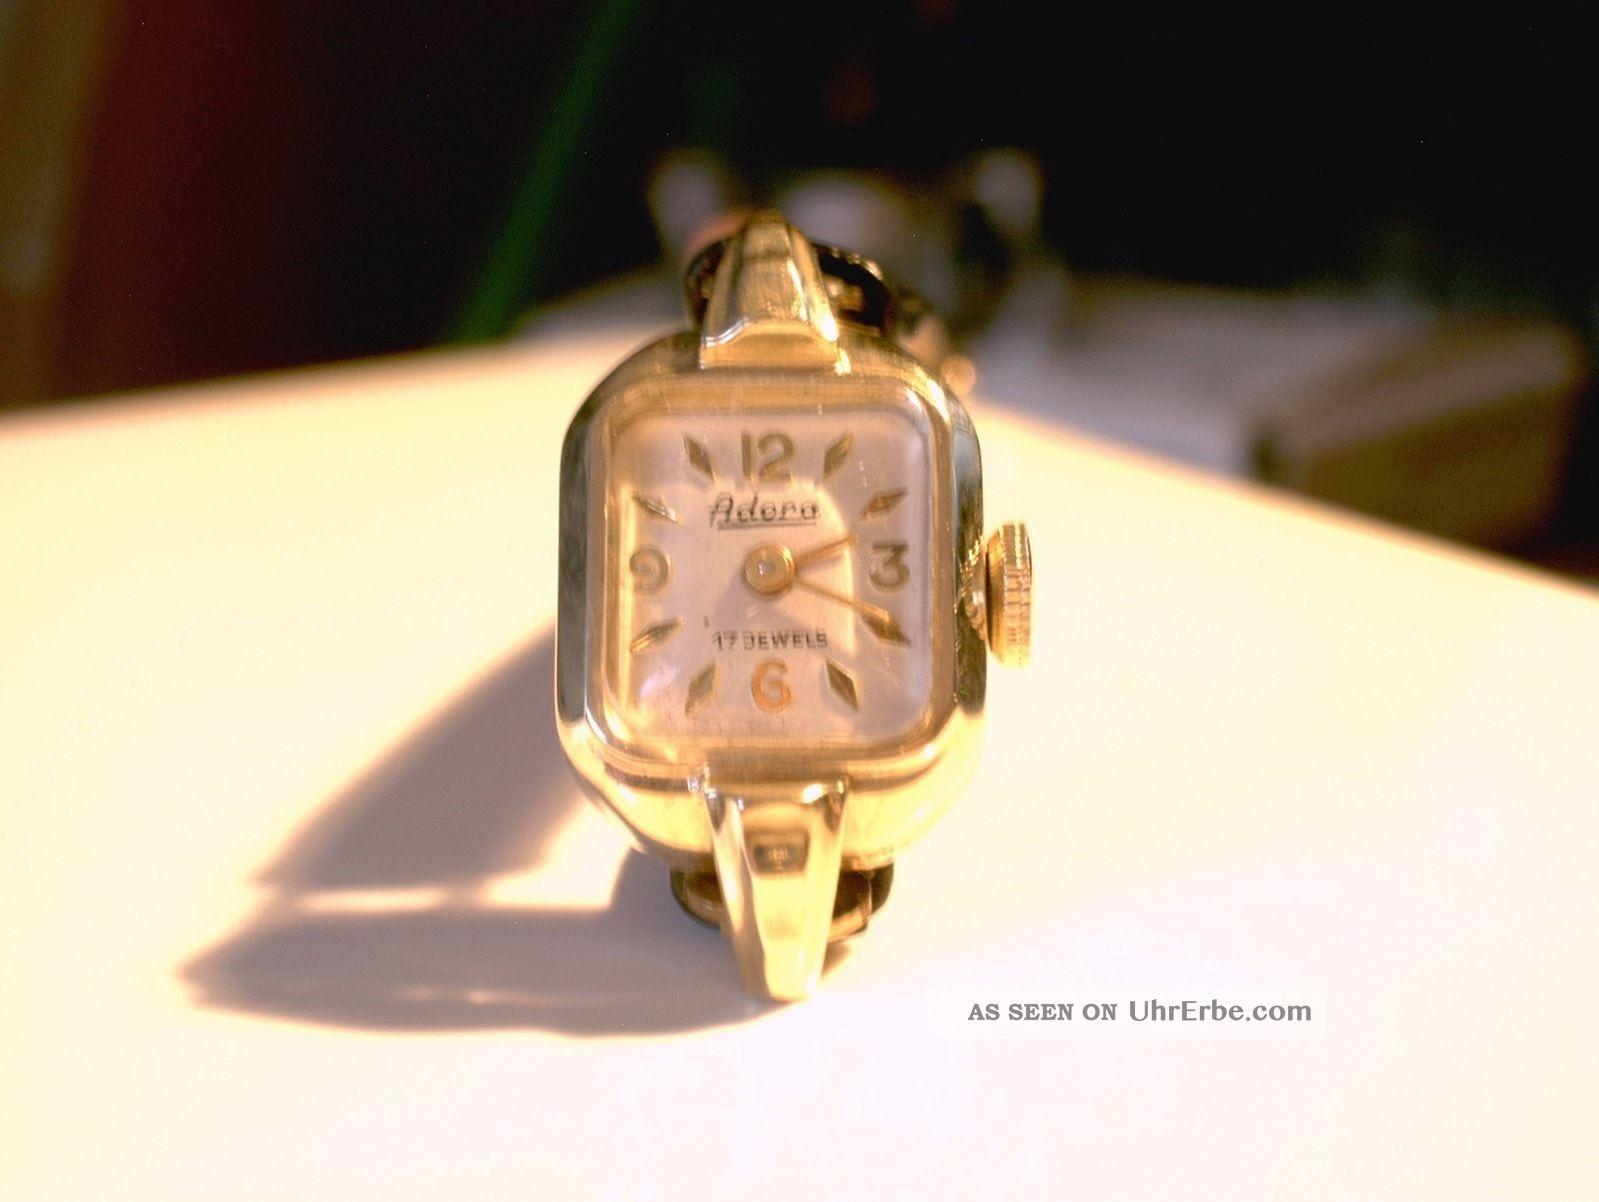 Feine Antike Adora Armbanduhr Aus 585 14 Karat Gold Für Damen Aus Sammlung Armbanduhren Bild